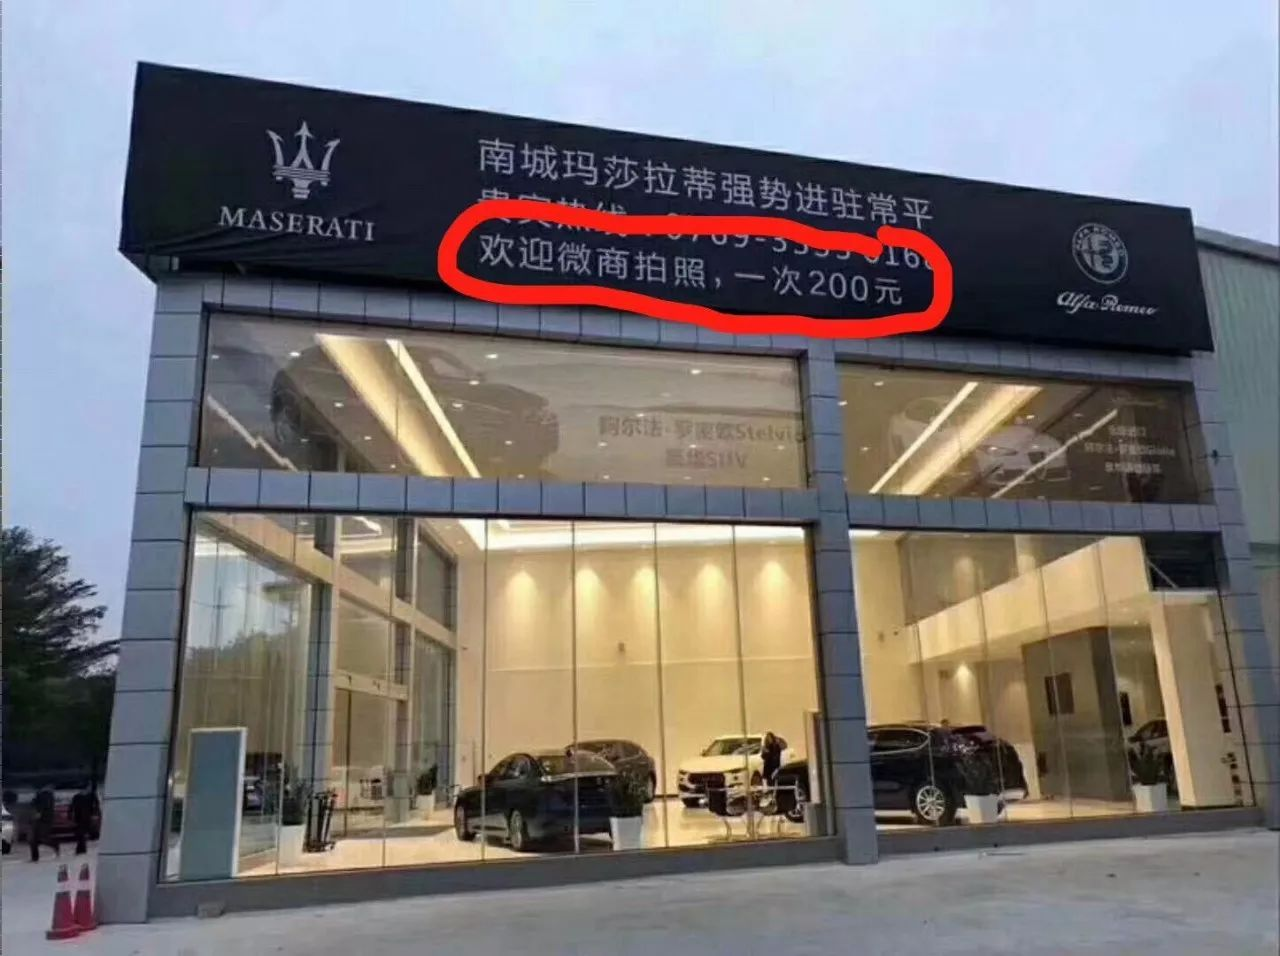 笑死!微商团队经常去豪车4S店拉横幅拍照,拍完又不买…老板忍不住了!